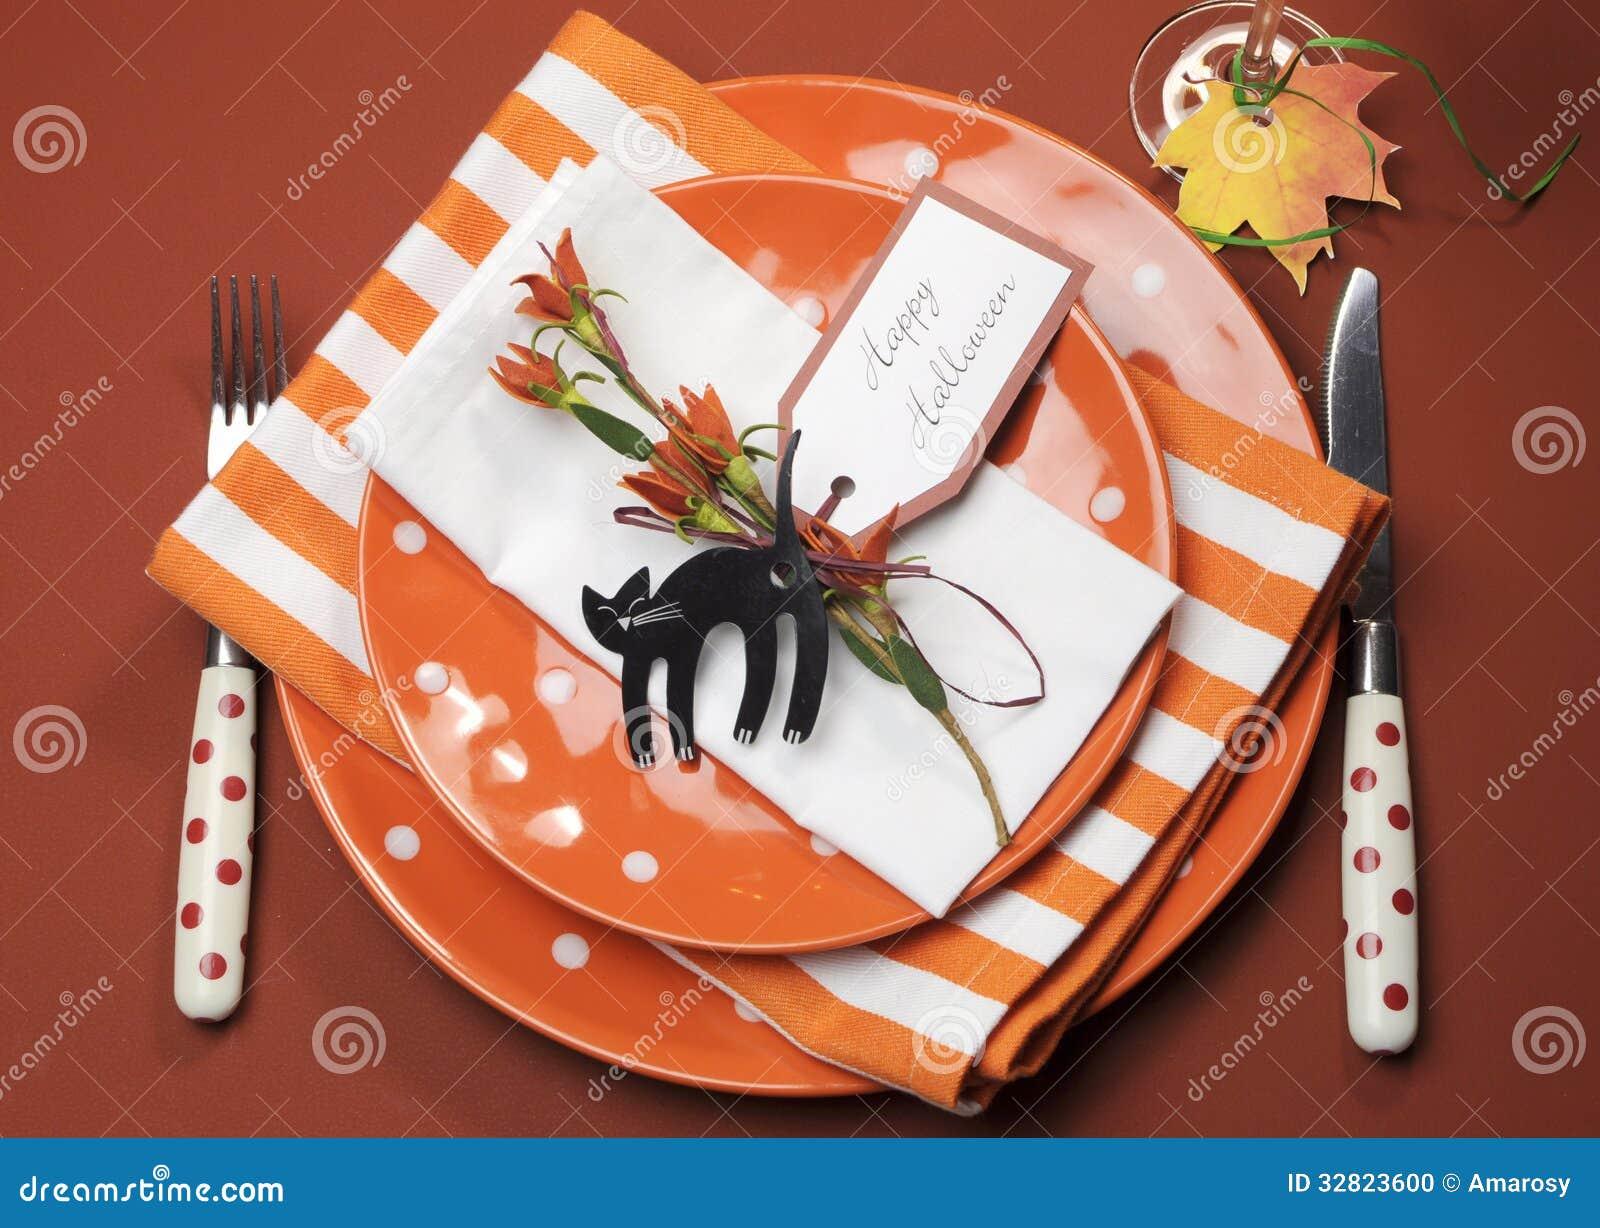 Halloween Dinner Table Setting.Halloween Orange Polka Dot And Stripes Dinner Table Setting